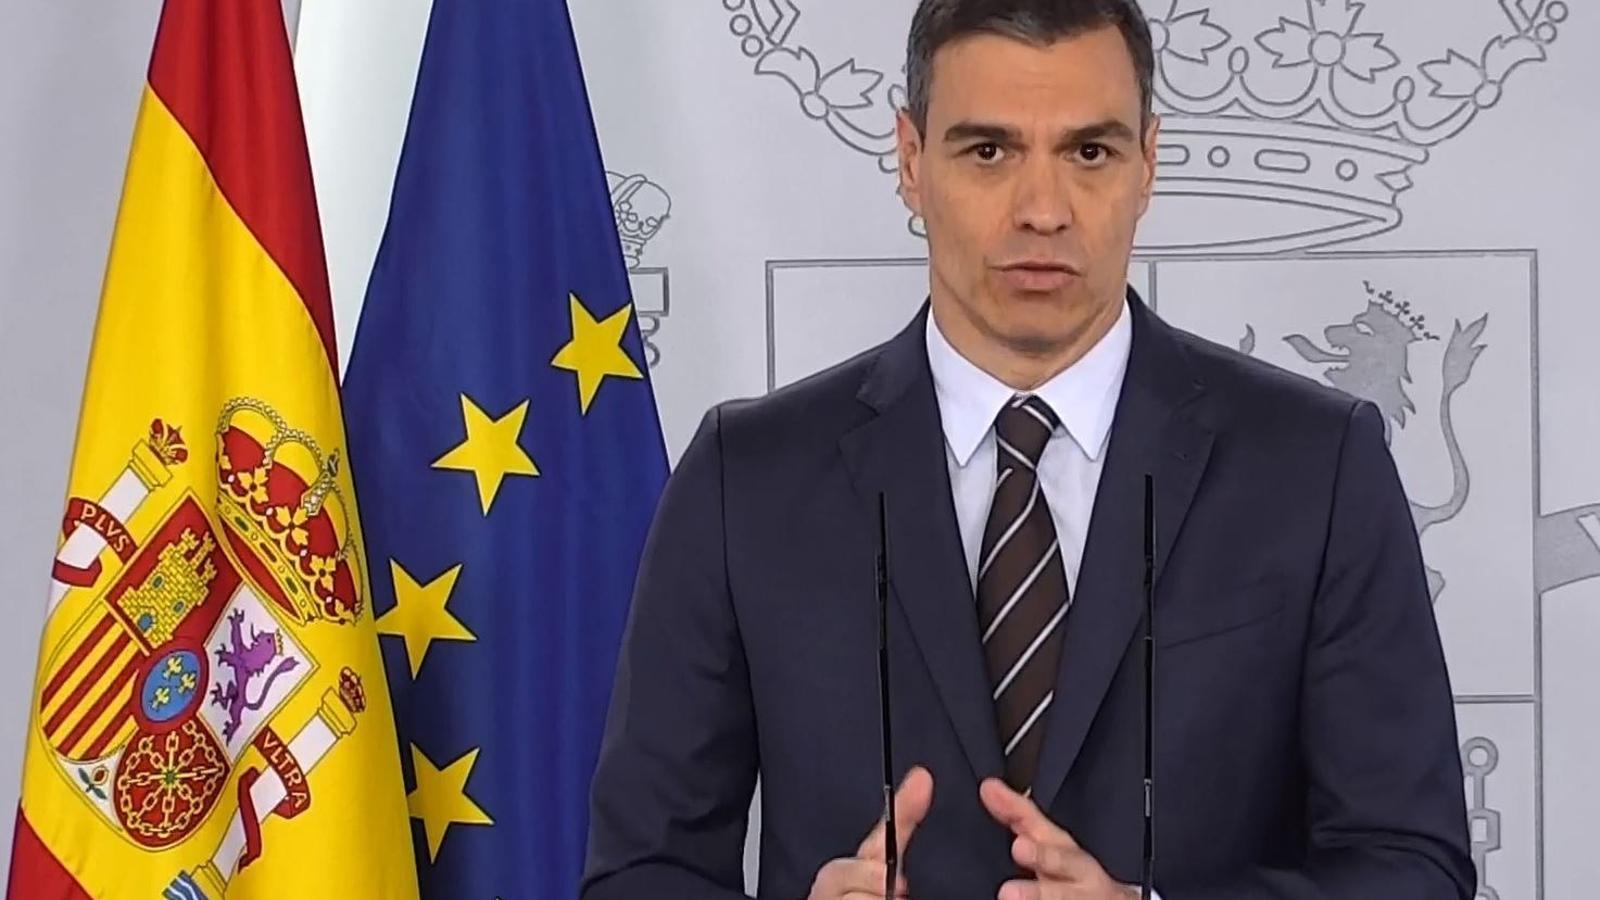 El president del govern espanyol, Pedro Sánchez, durant la compareixença d'aquest dissabte.